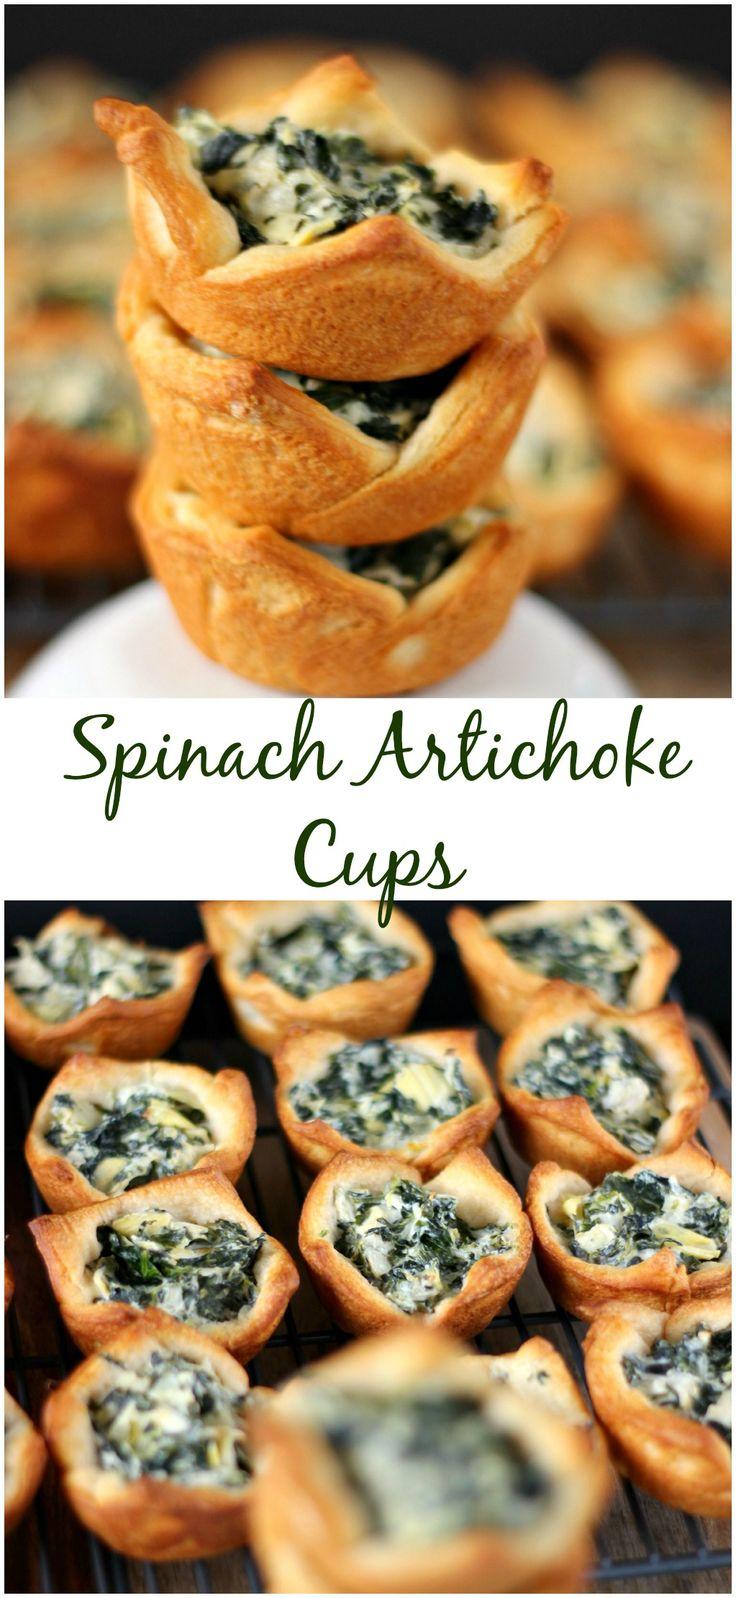 Spinach Artichoke Cups l My Kitchen Craze